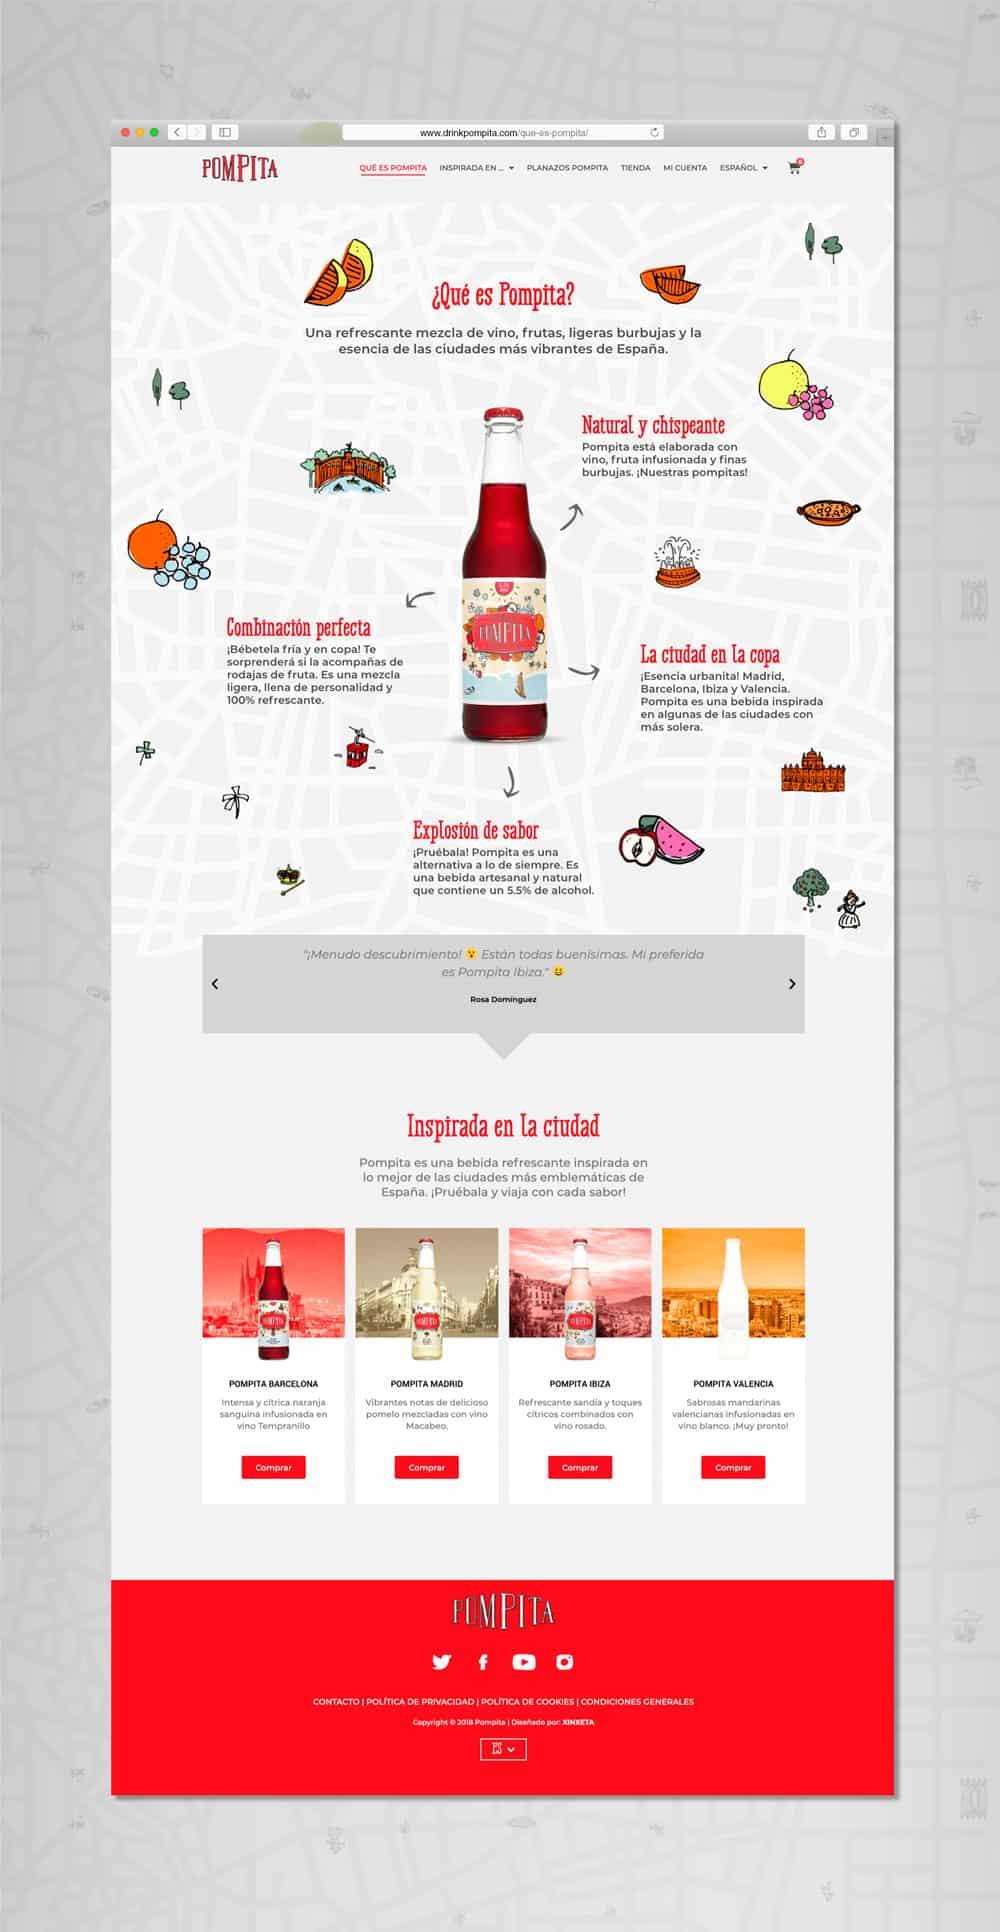 Pompita - Versión web Qué es Pompita